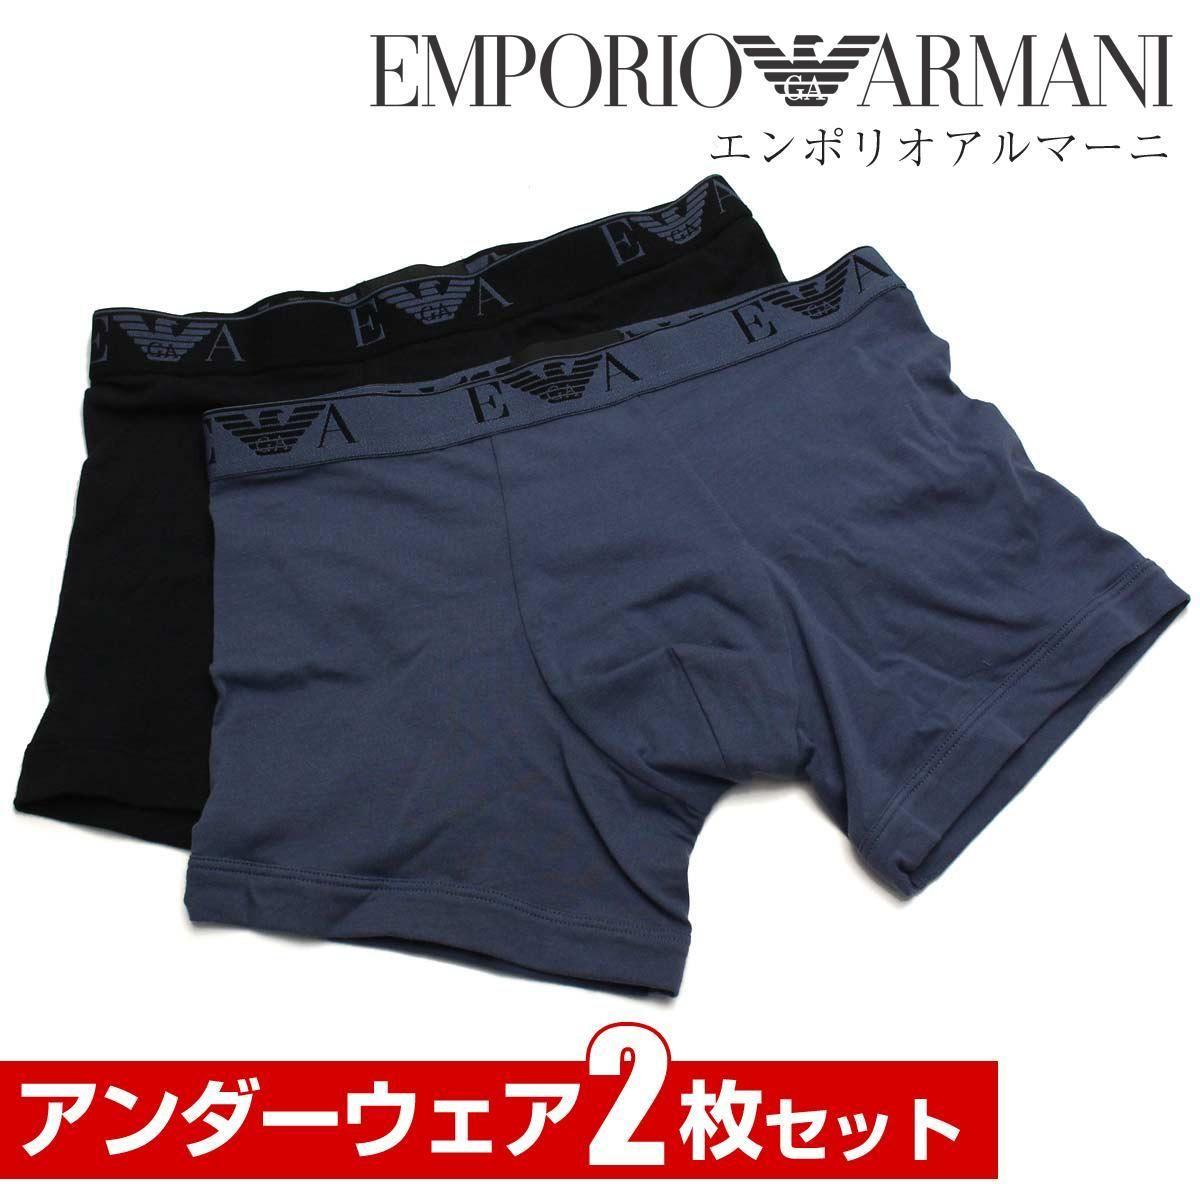 エンポリオ・アルマーニ (EMPORIO ARMANI) メンズインナーウエア111268 5A715 08634ブラックブルー系サイズ(#M)